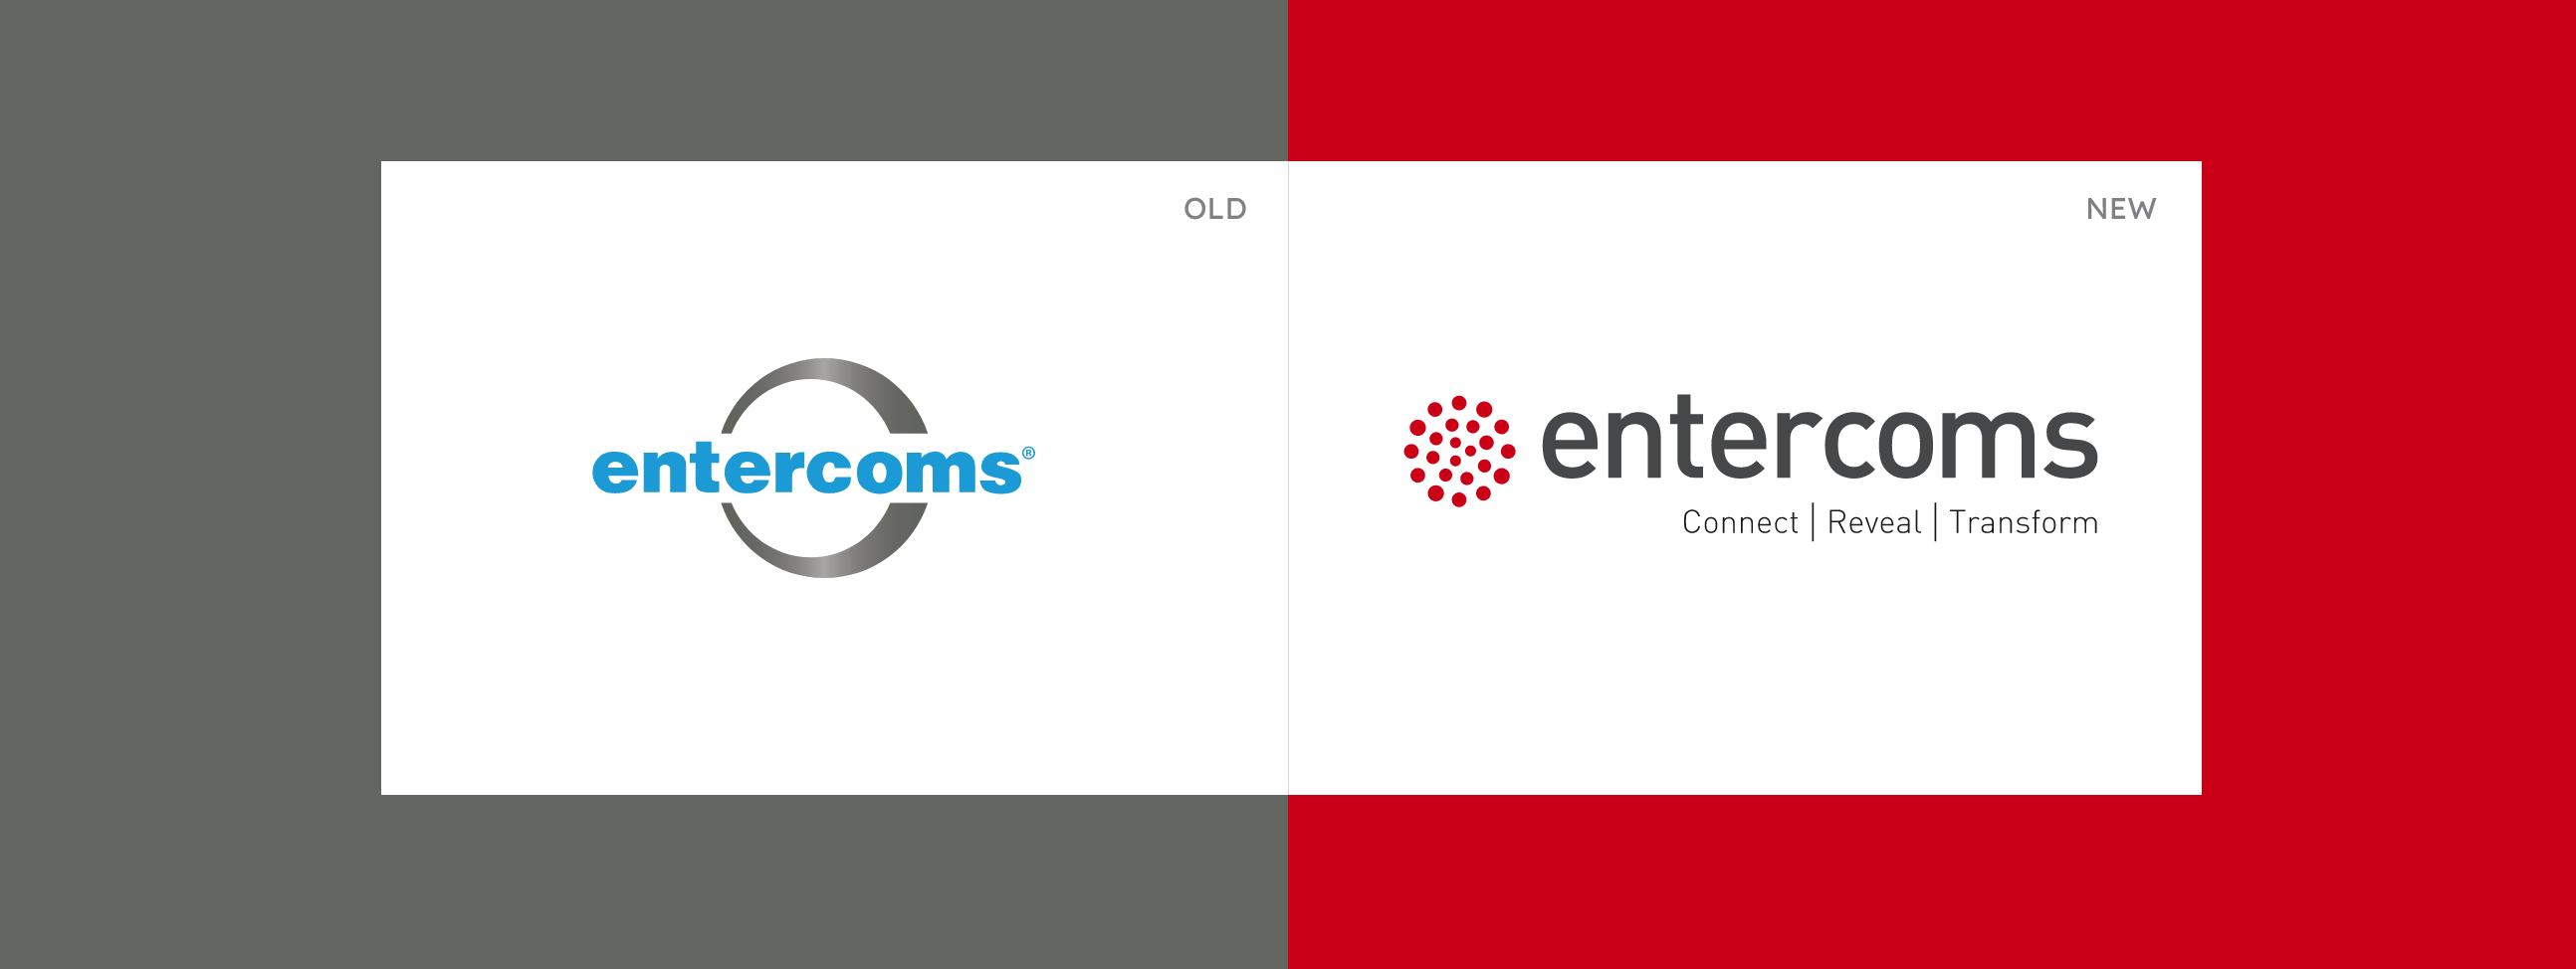 entercoms-portfolio-1